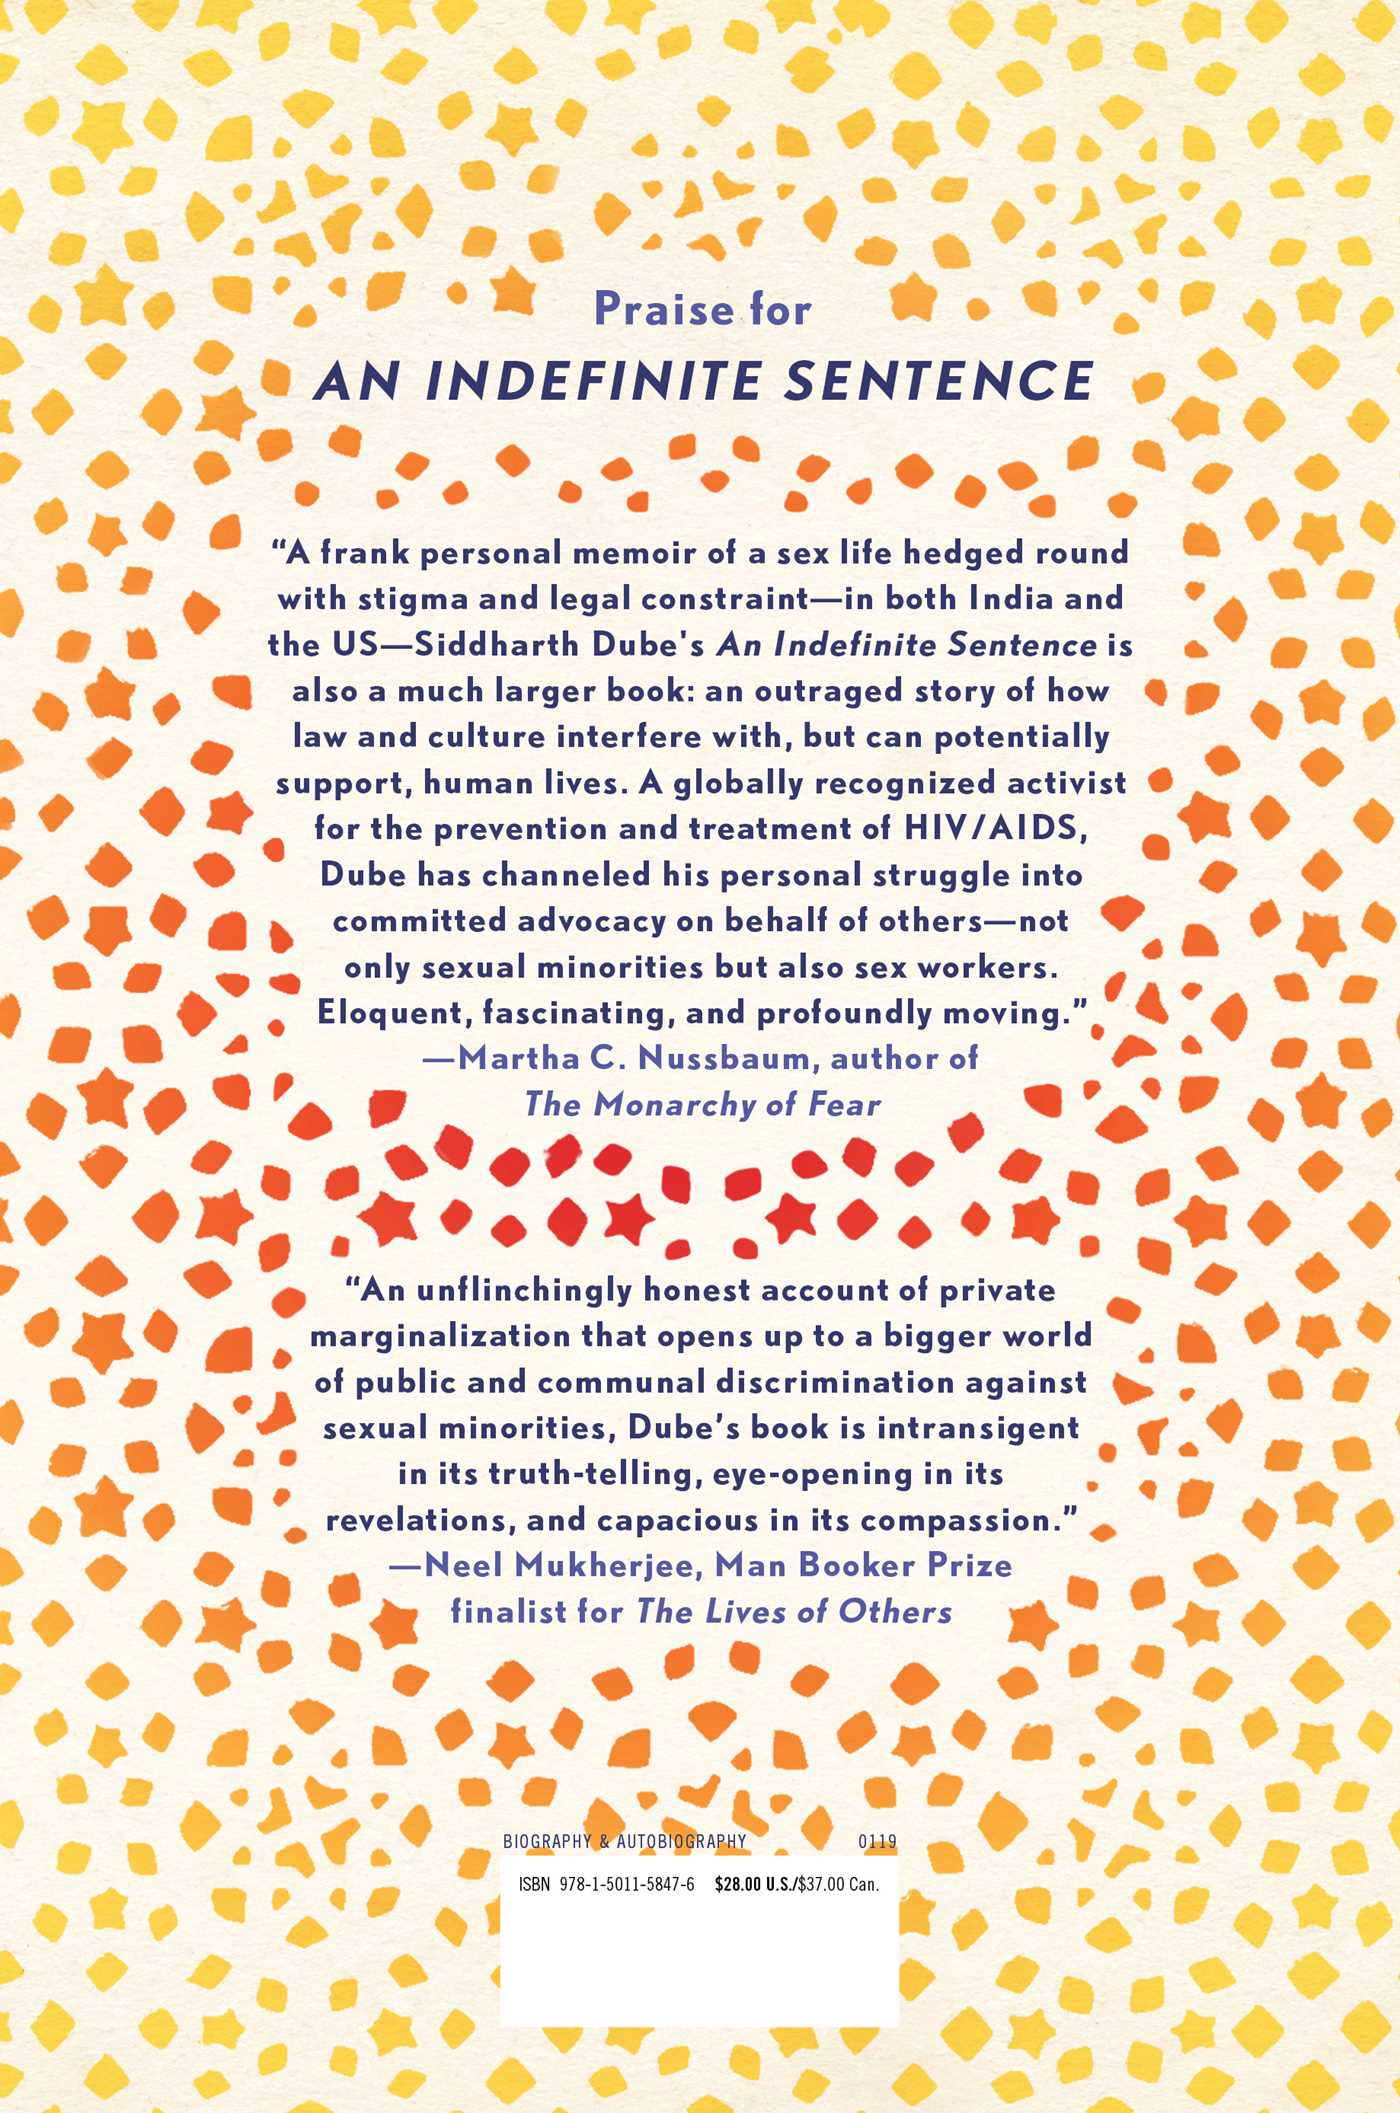 An indefinite sentence 9781501158476 hr back